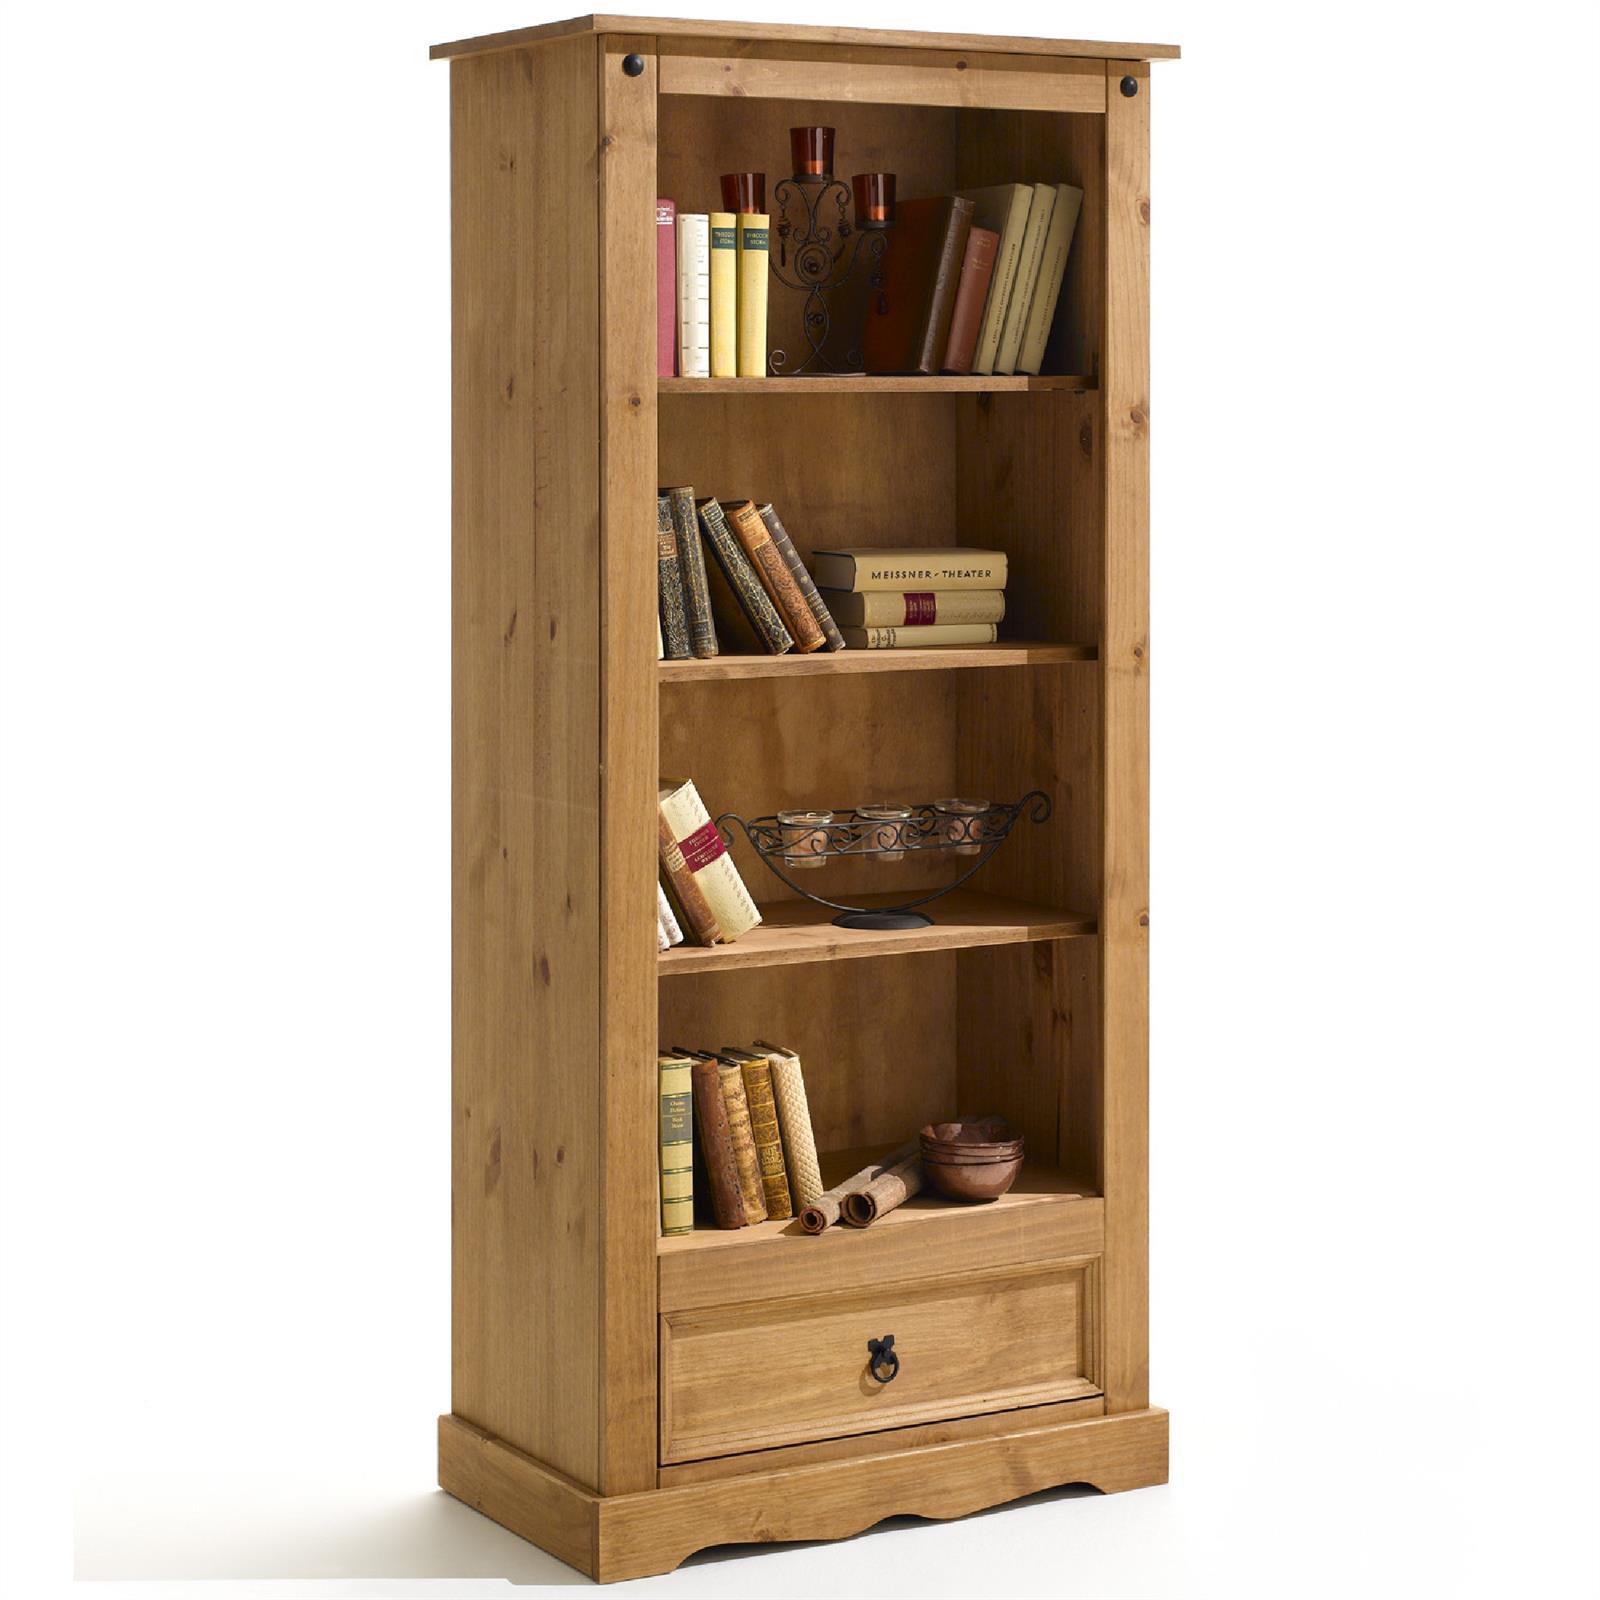 b cherregal mexico m bel kiefer massiv caro m bel. Black Bedroom Furniture Sets. Home Design Ideas